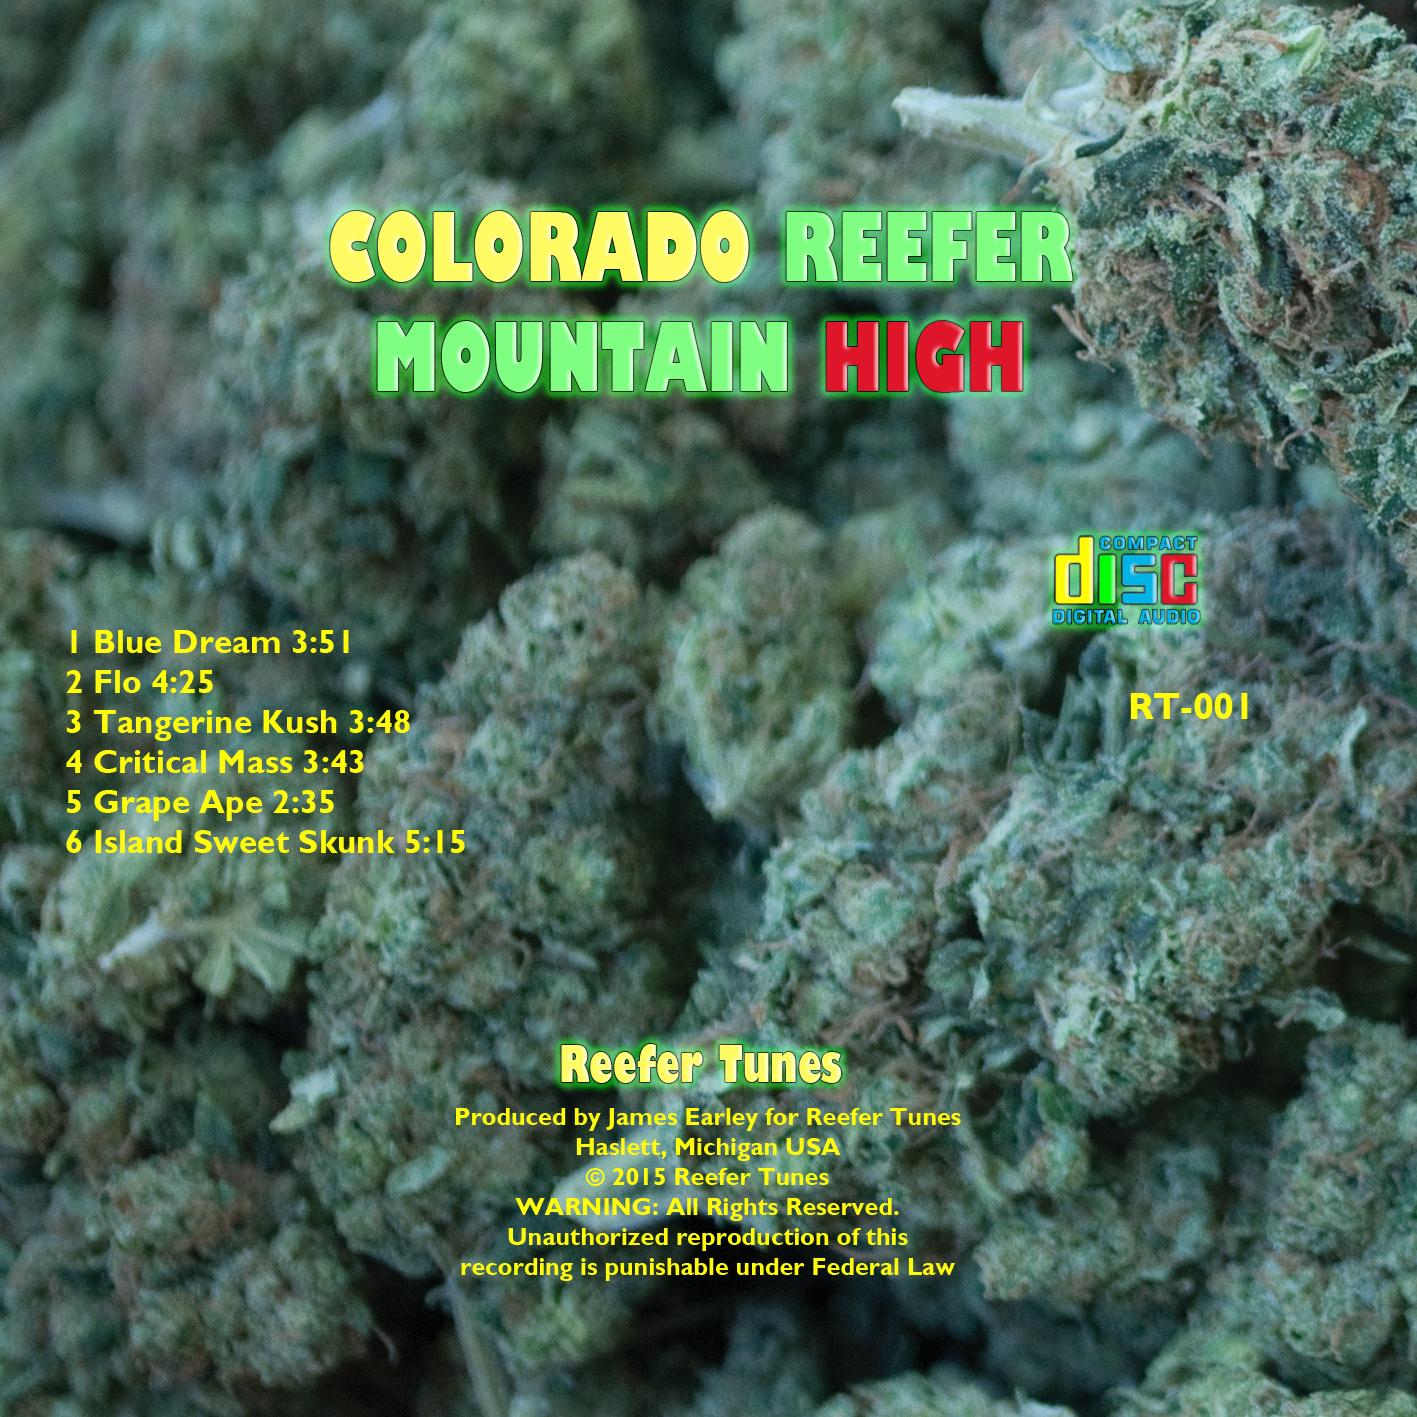 Reefer Tunes – Colorado Reefer Mountain High